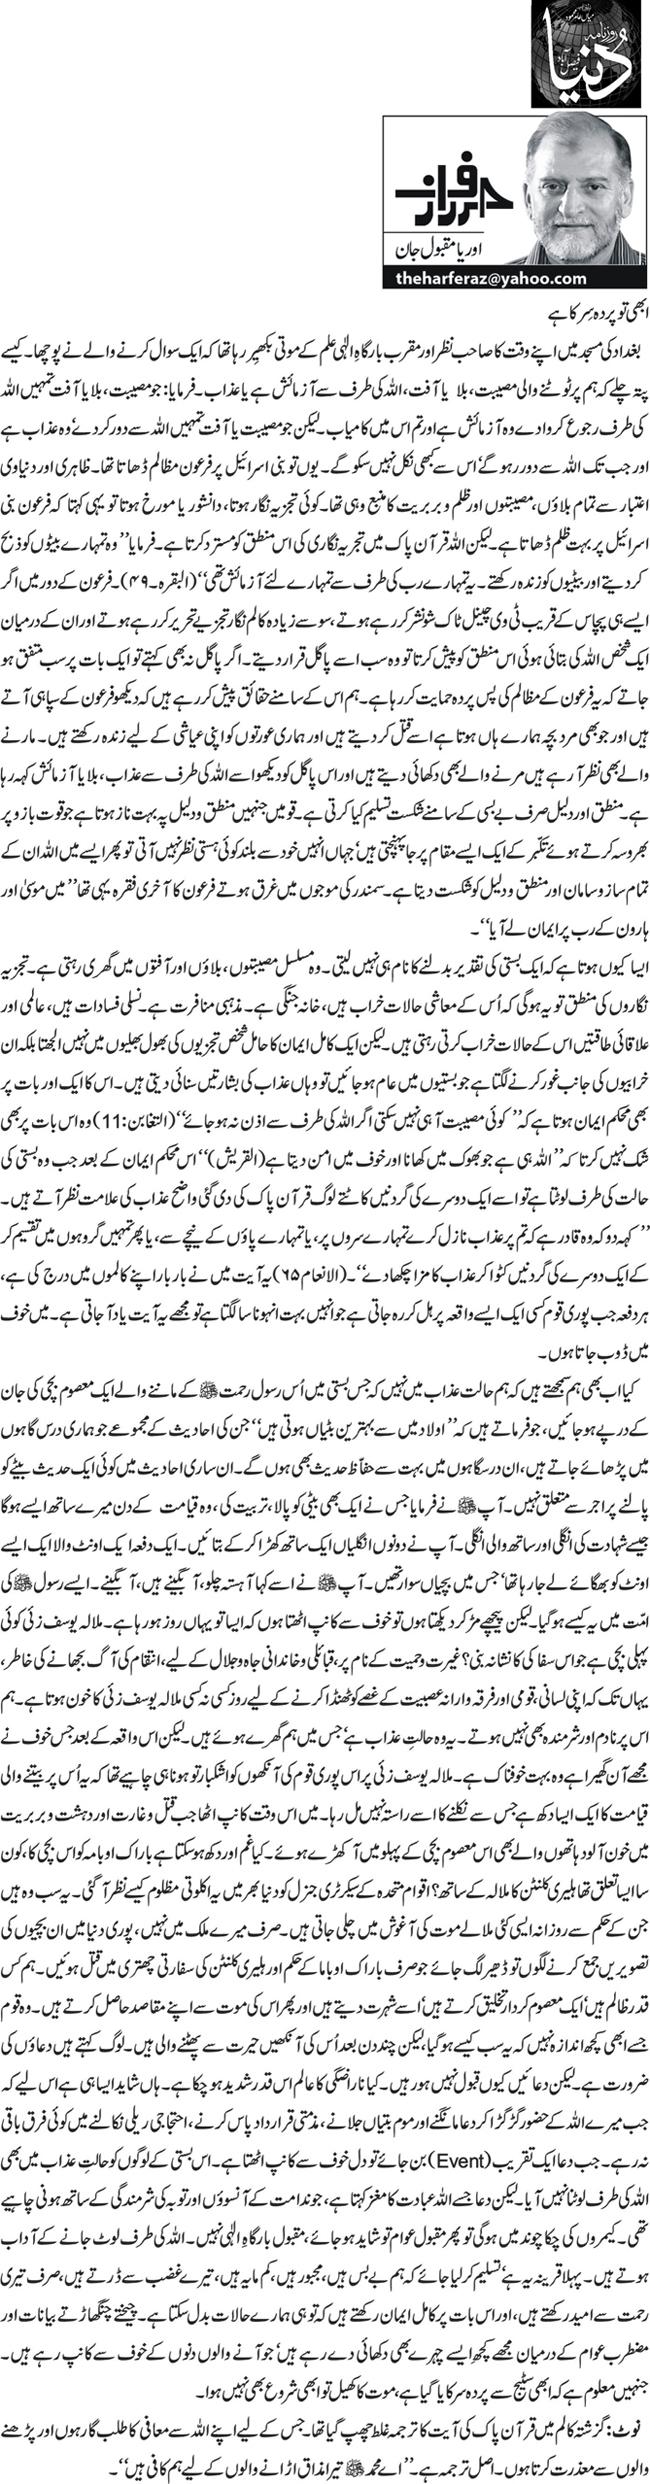 Abhi to perda sirka ha - Orya Maqbool Jaan